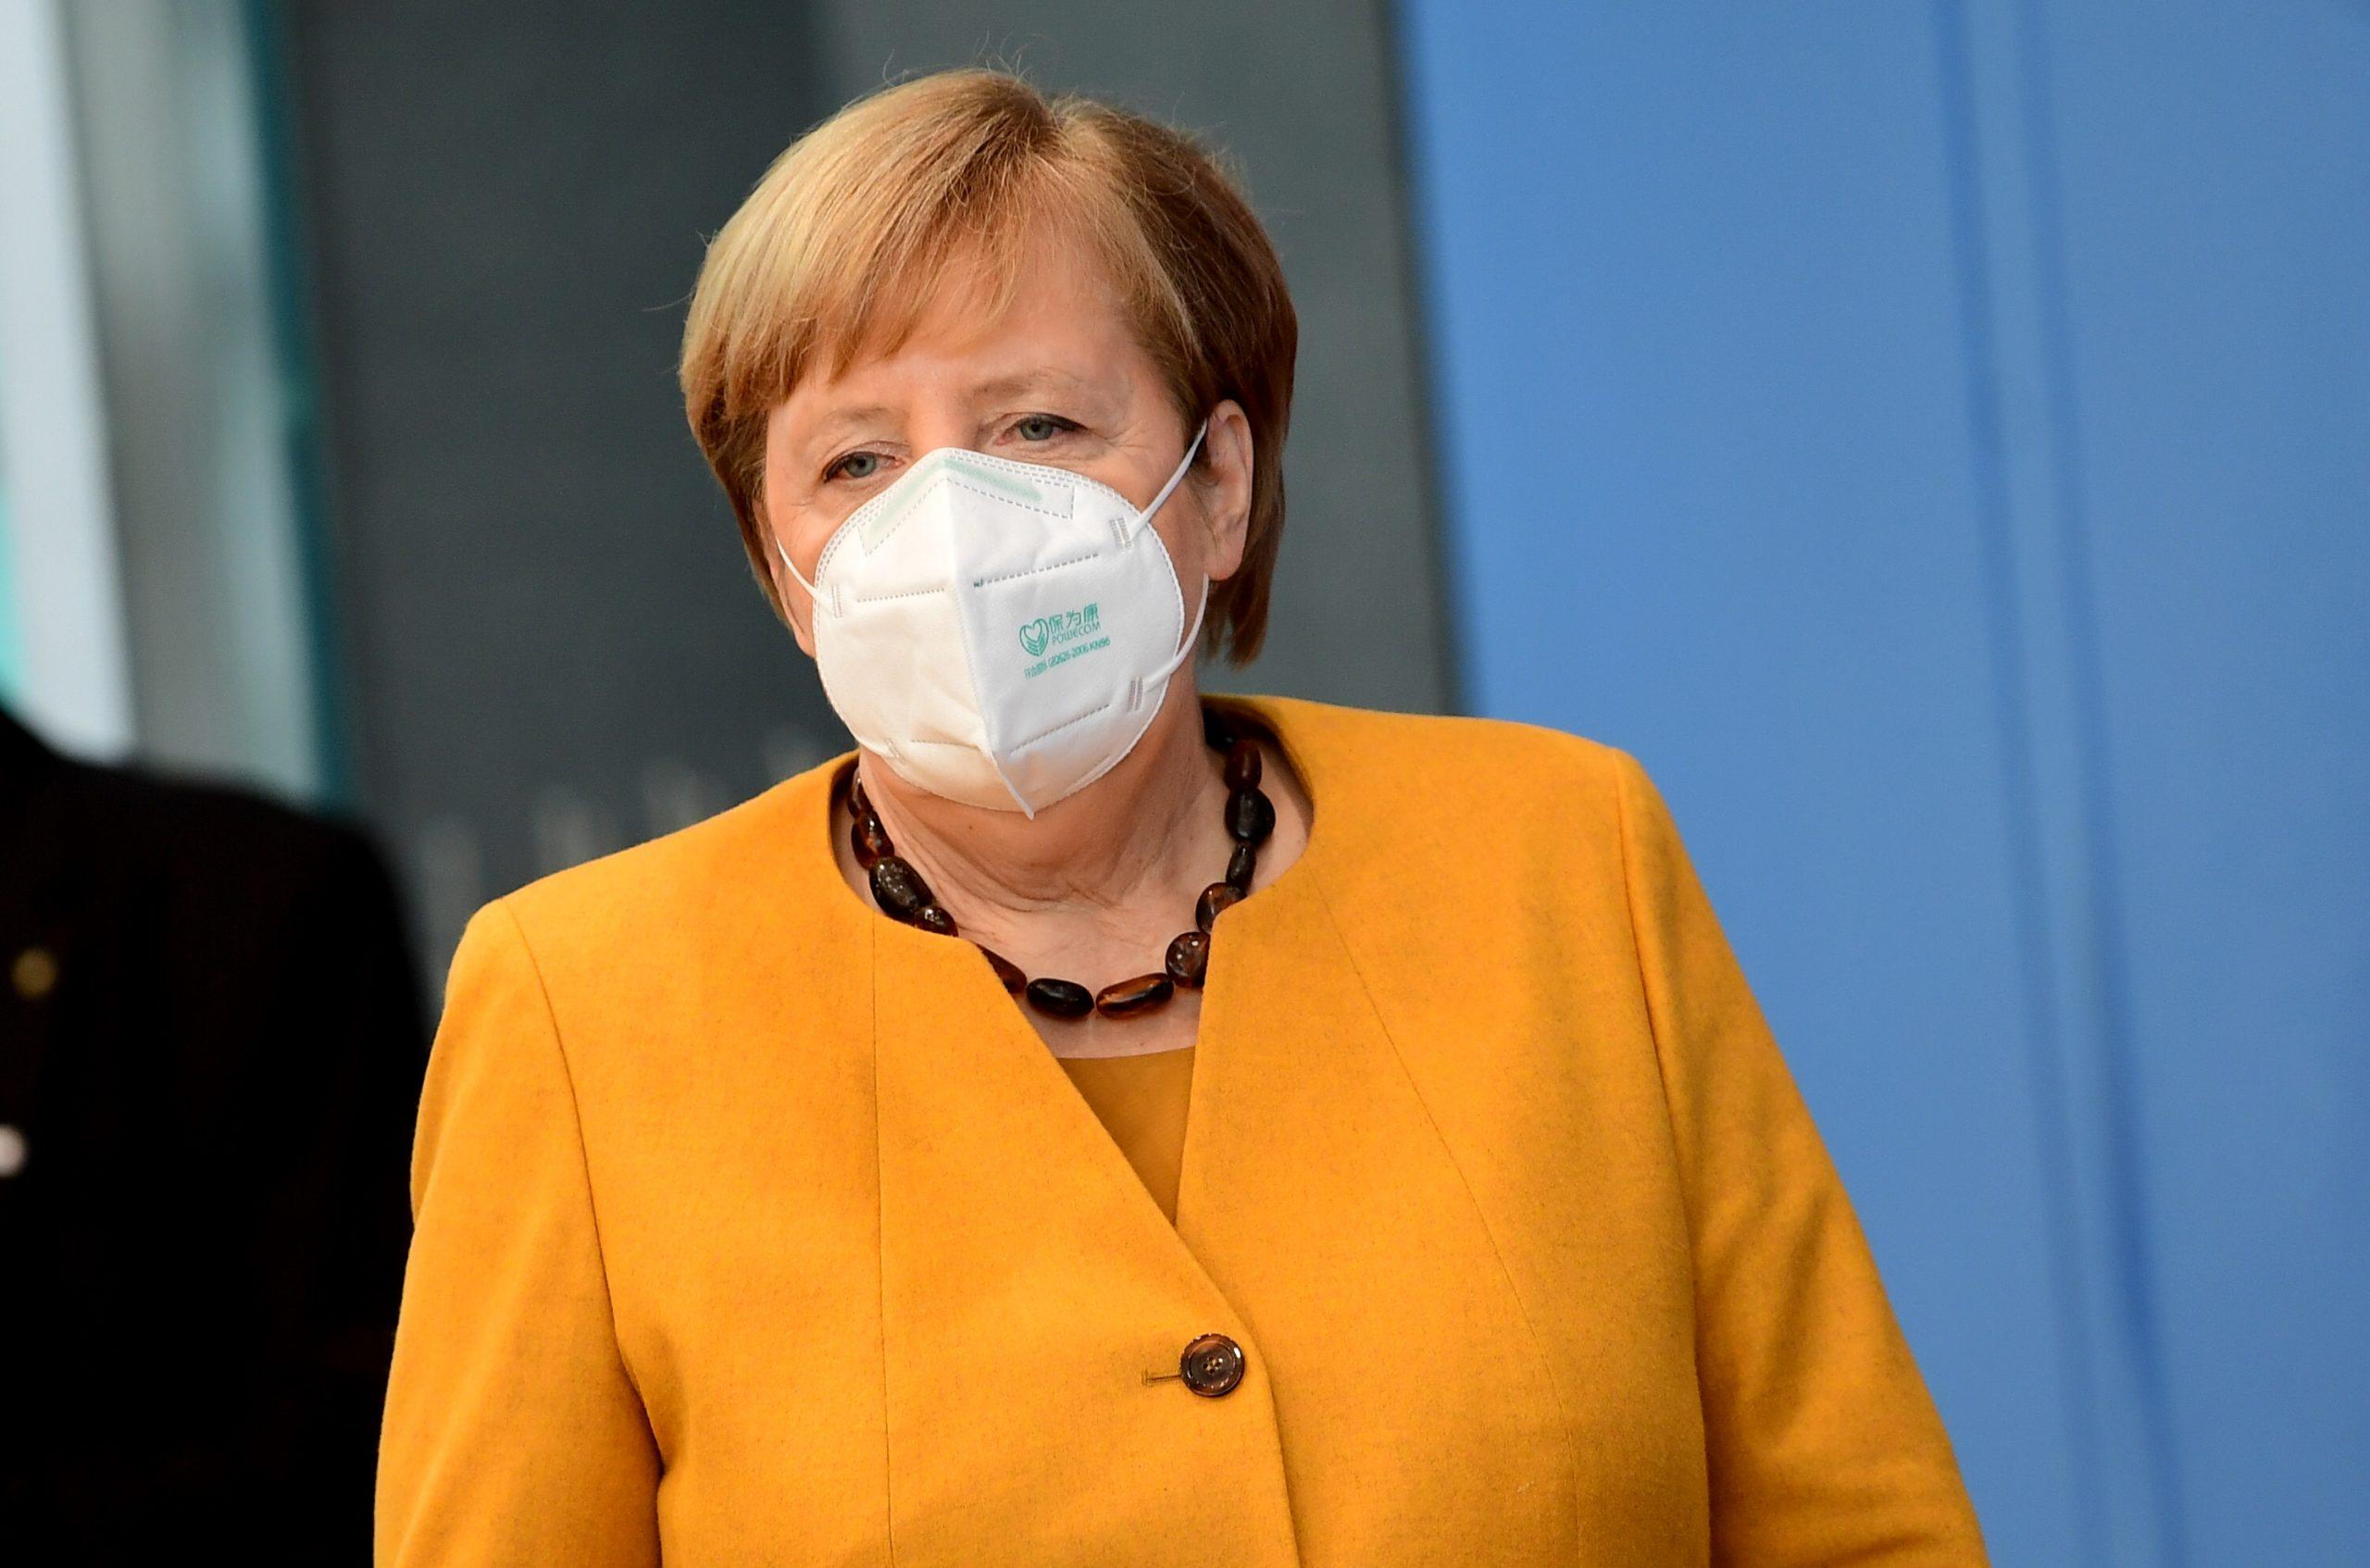 Alemania tendrá restricciones por COVID-19 hasta que el 70% de la población sea inmune